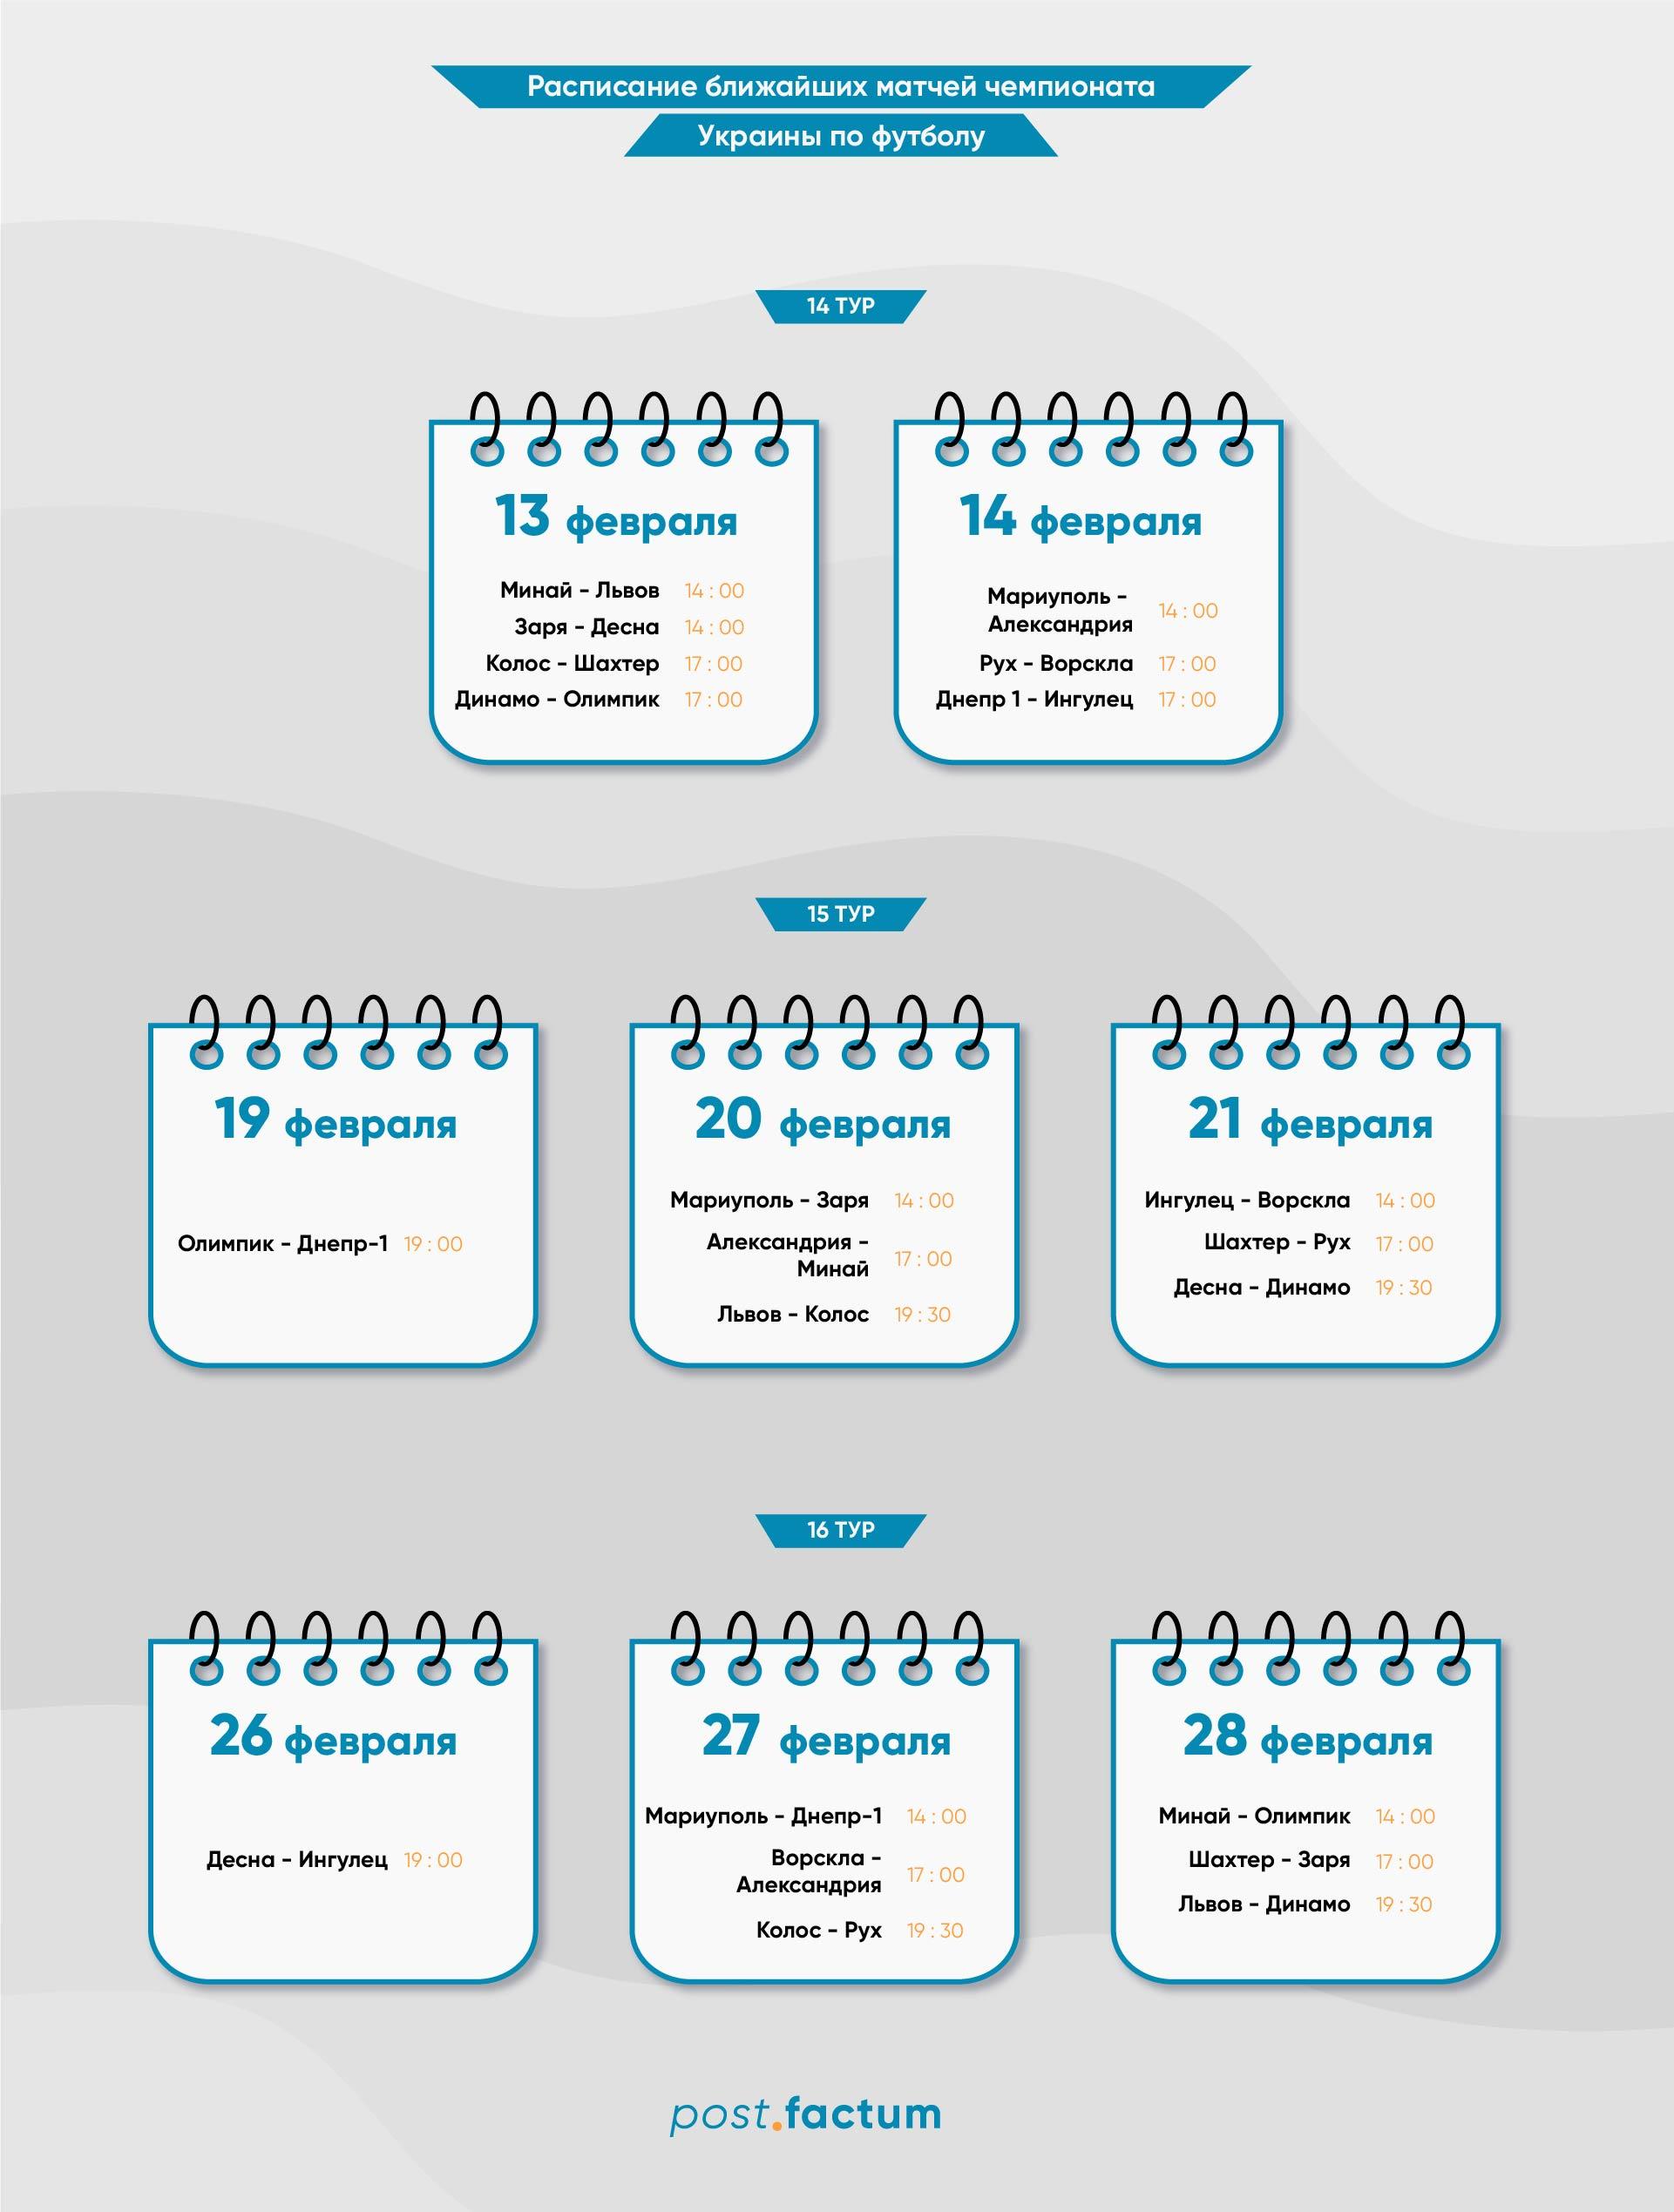 Инфографика: календарь игр Чемпионата Украины по футболу на февраль — фото 1